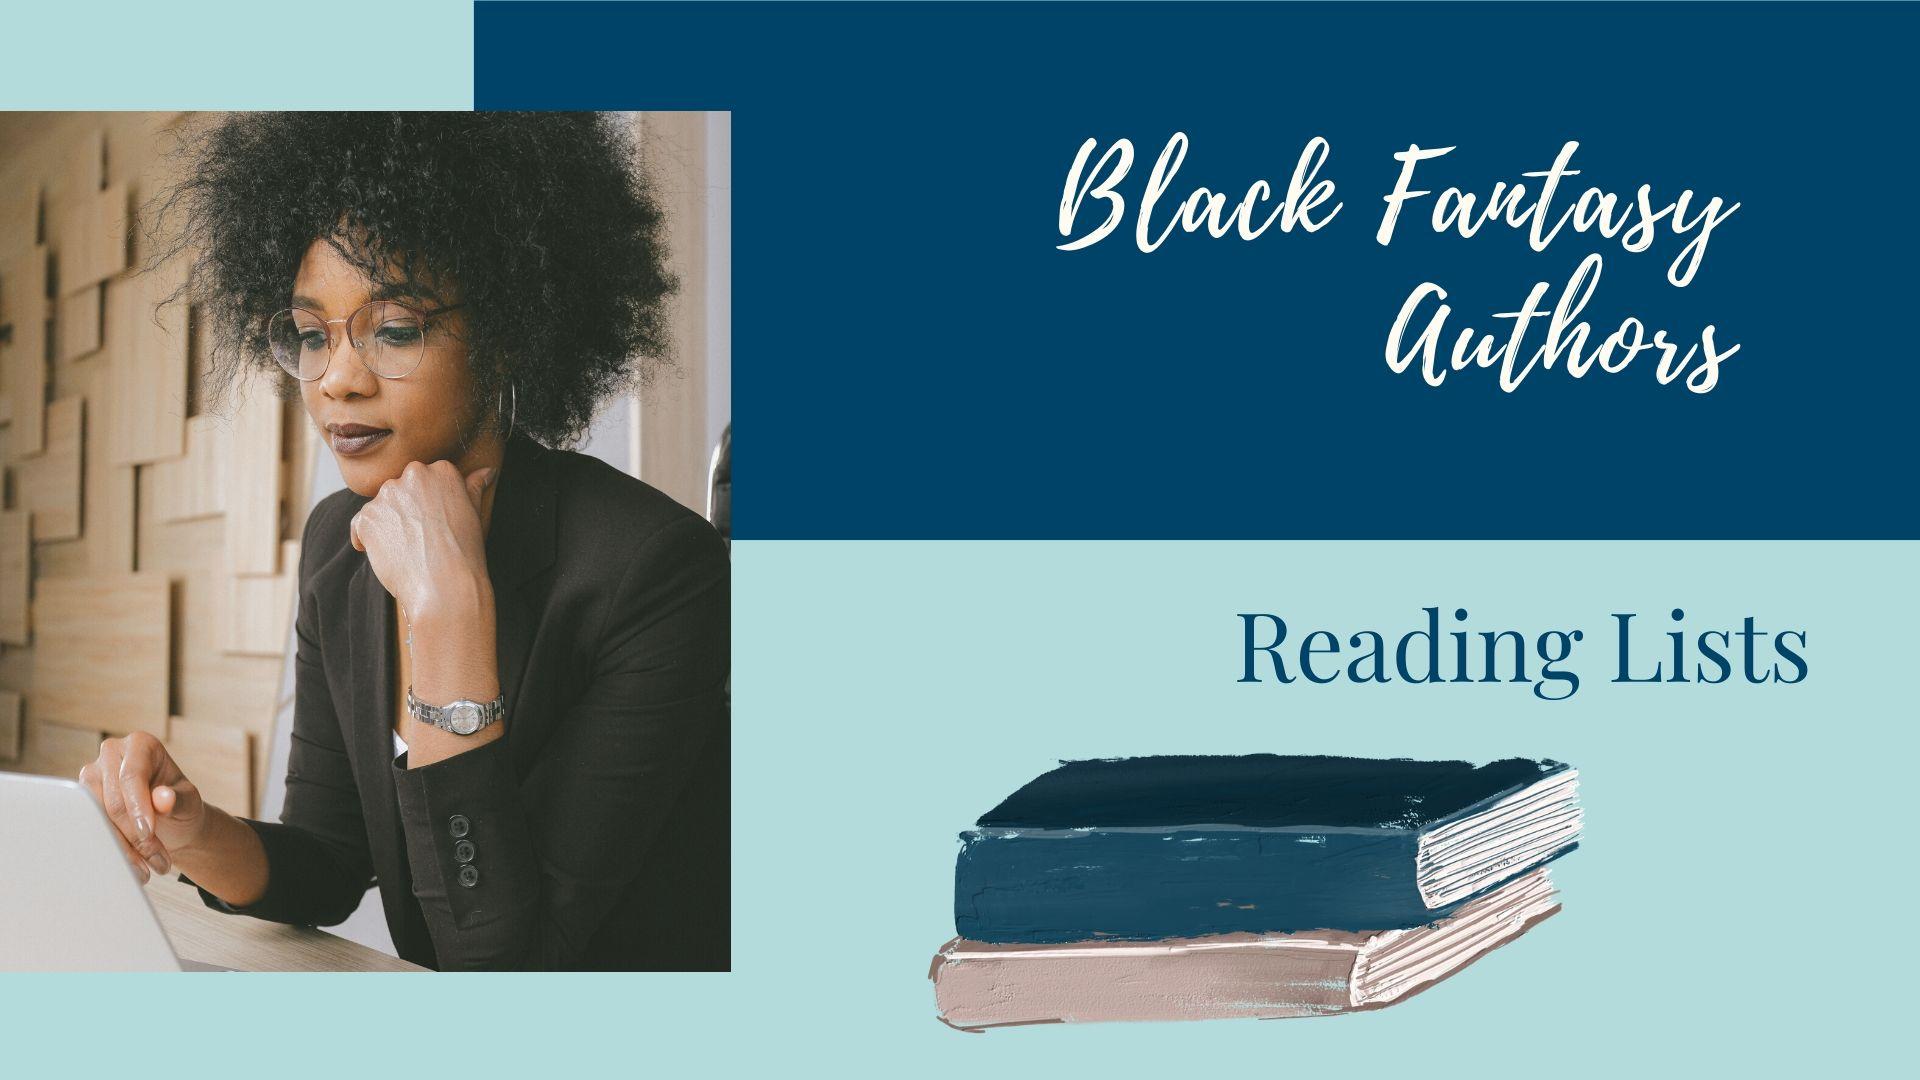 Black Fantasy Authors